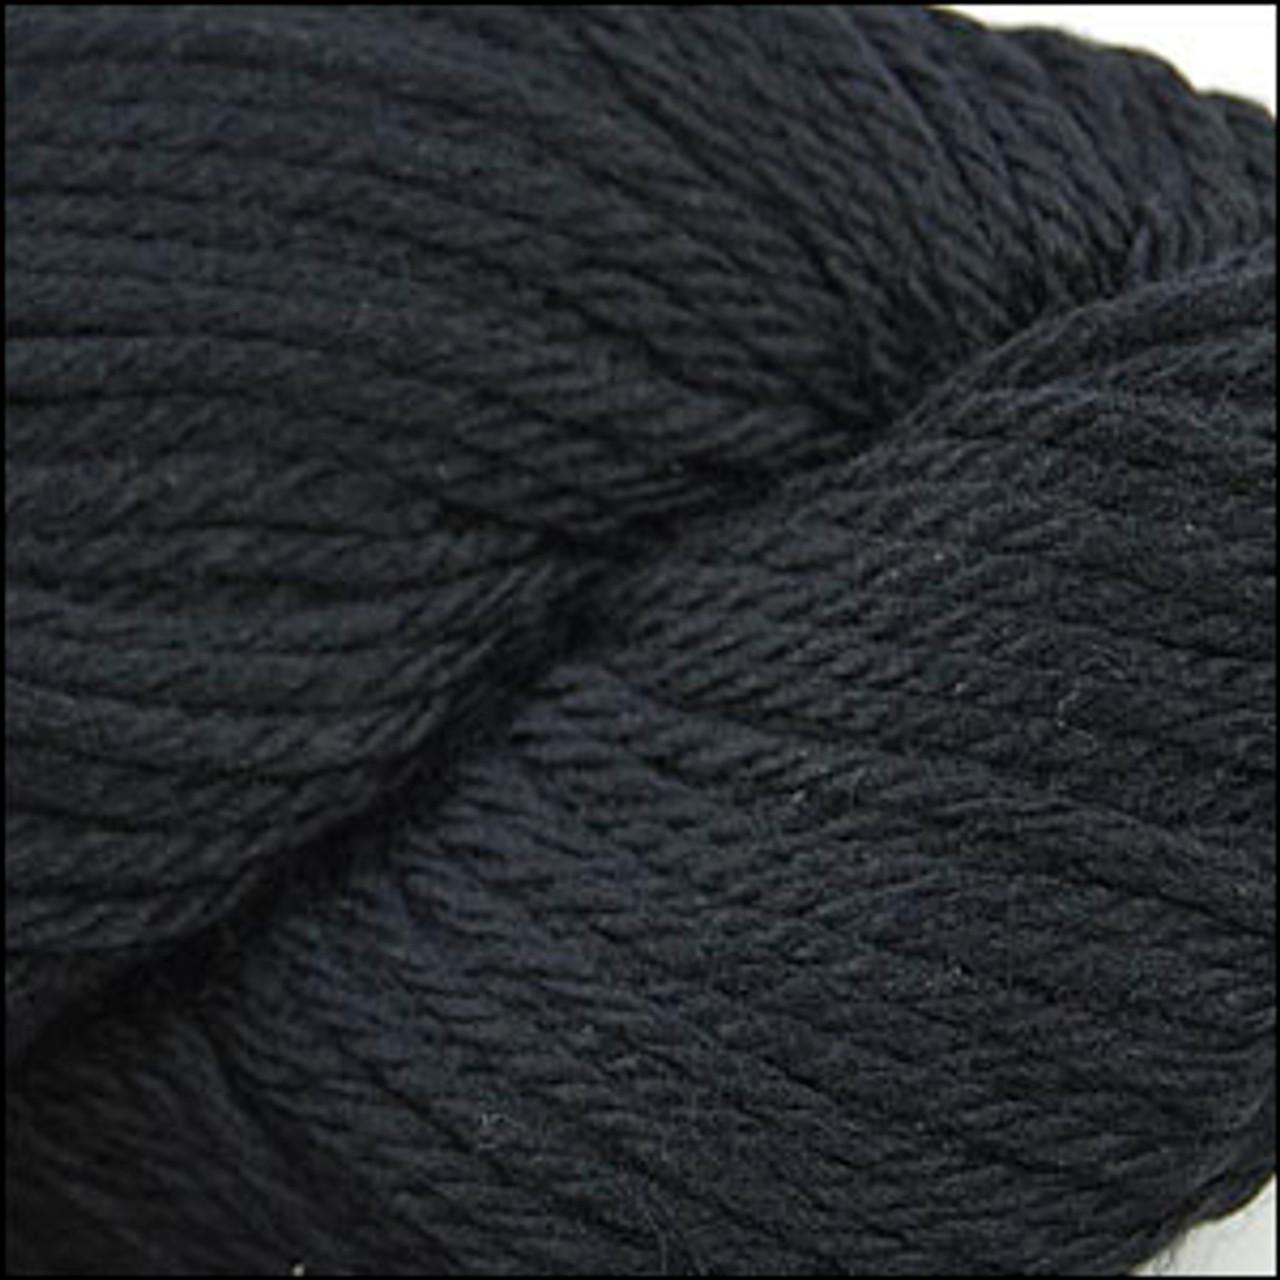 Cascade 220 SuperWash Sport - Black 815